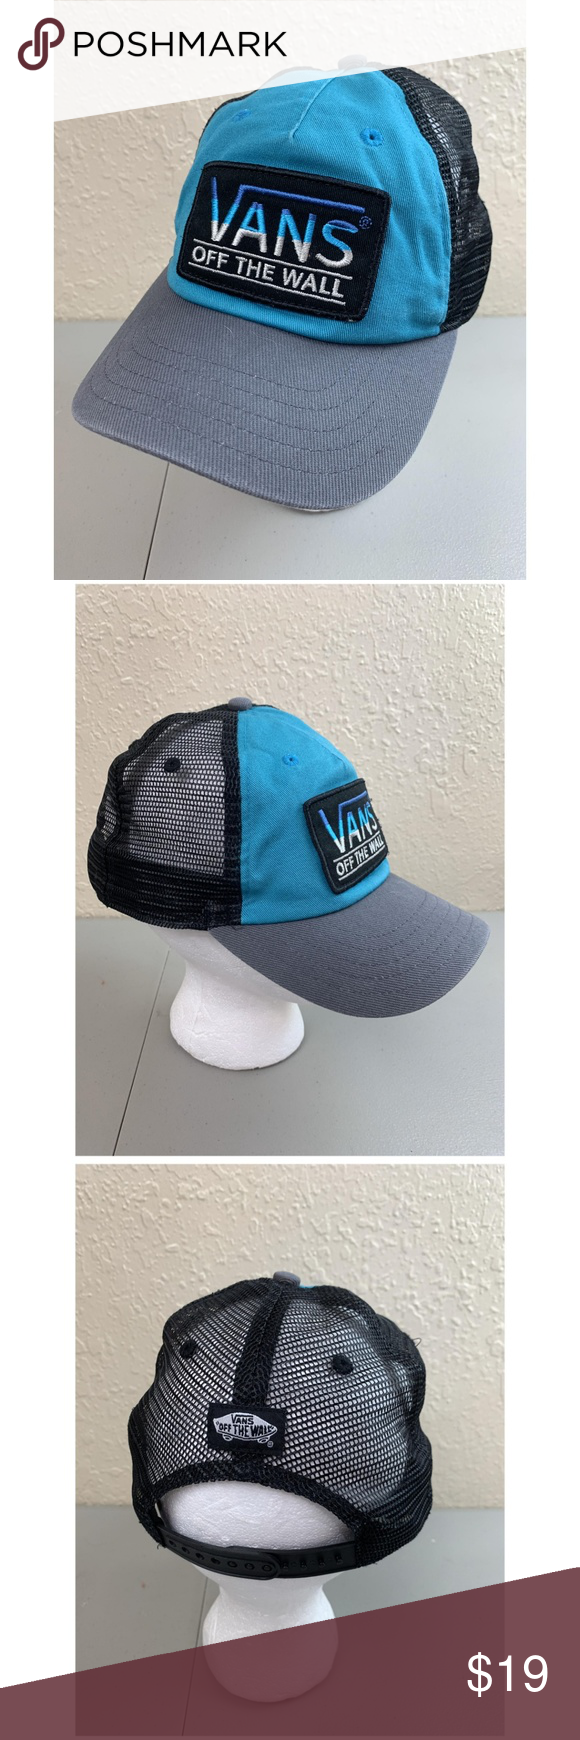 Q Vans Snapback Vintage Trucker Hats Vans Unisex Snapback Vintage Trucker Hats Size One Size Size One Size C Vintage Trucker Hats Trucker Hat Van Accessories